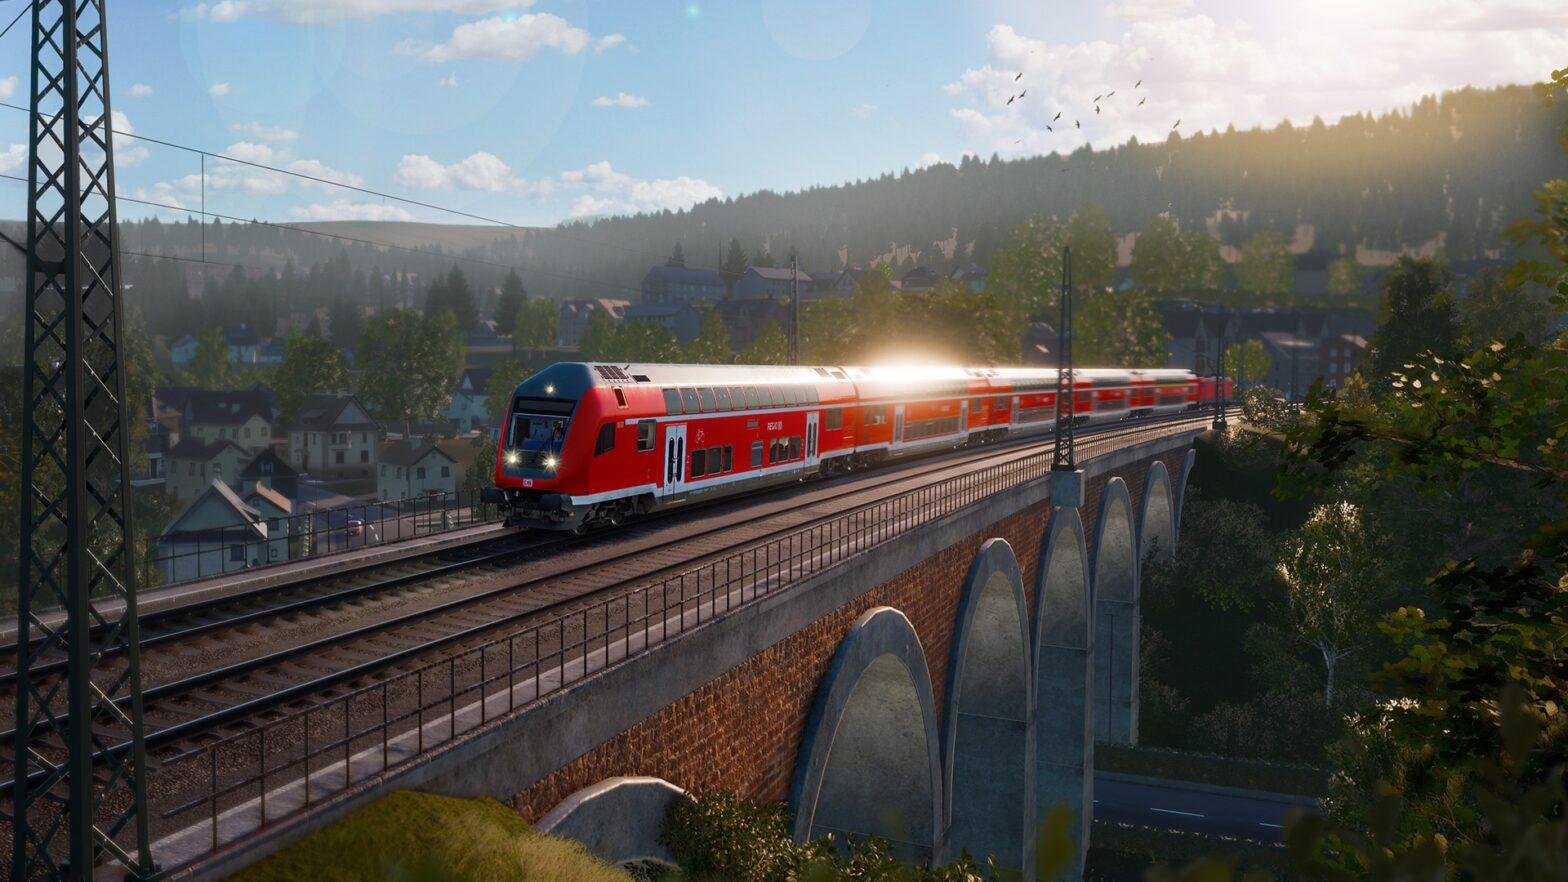 Zugsimulation Main-Spessart-Bahn fährt jetzt von Aschaffenburg nach Gmünden